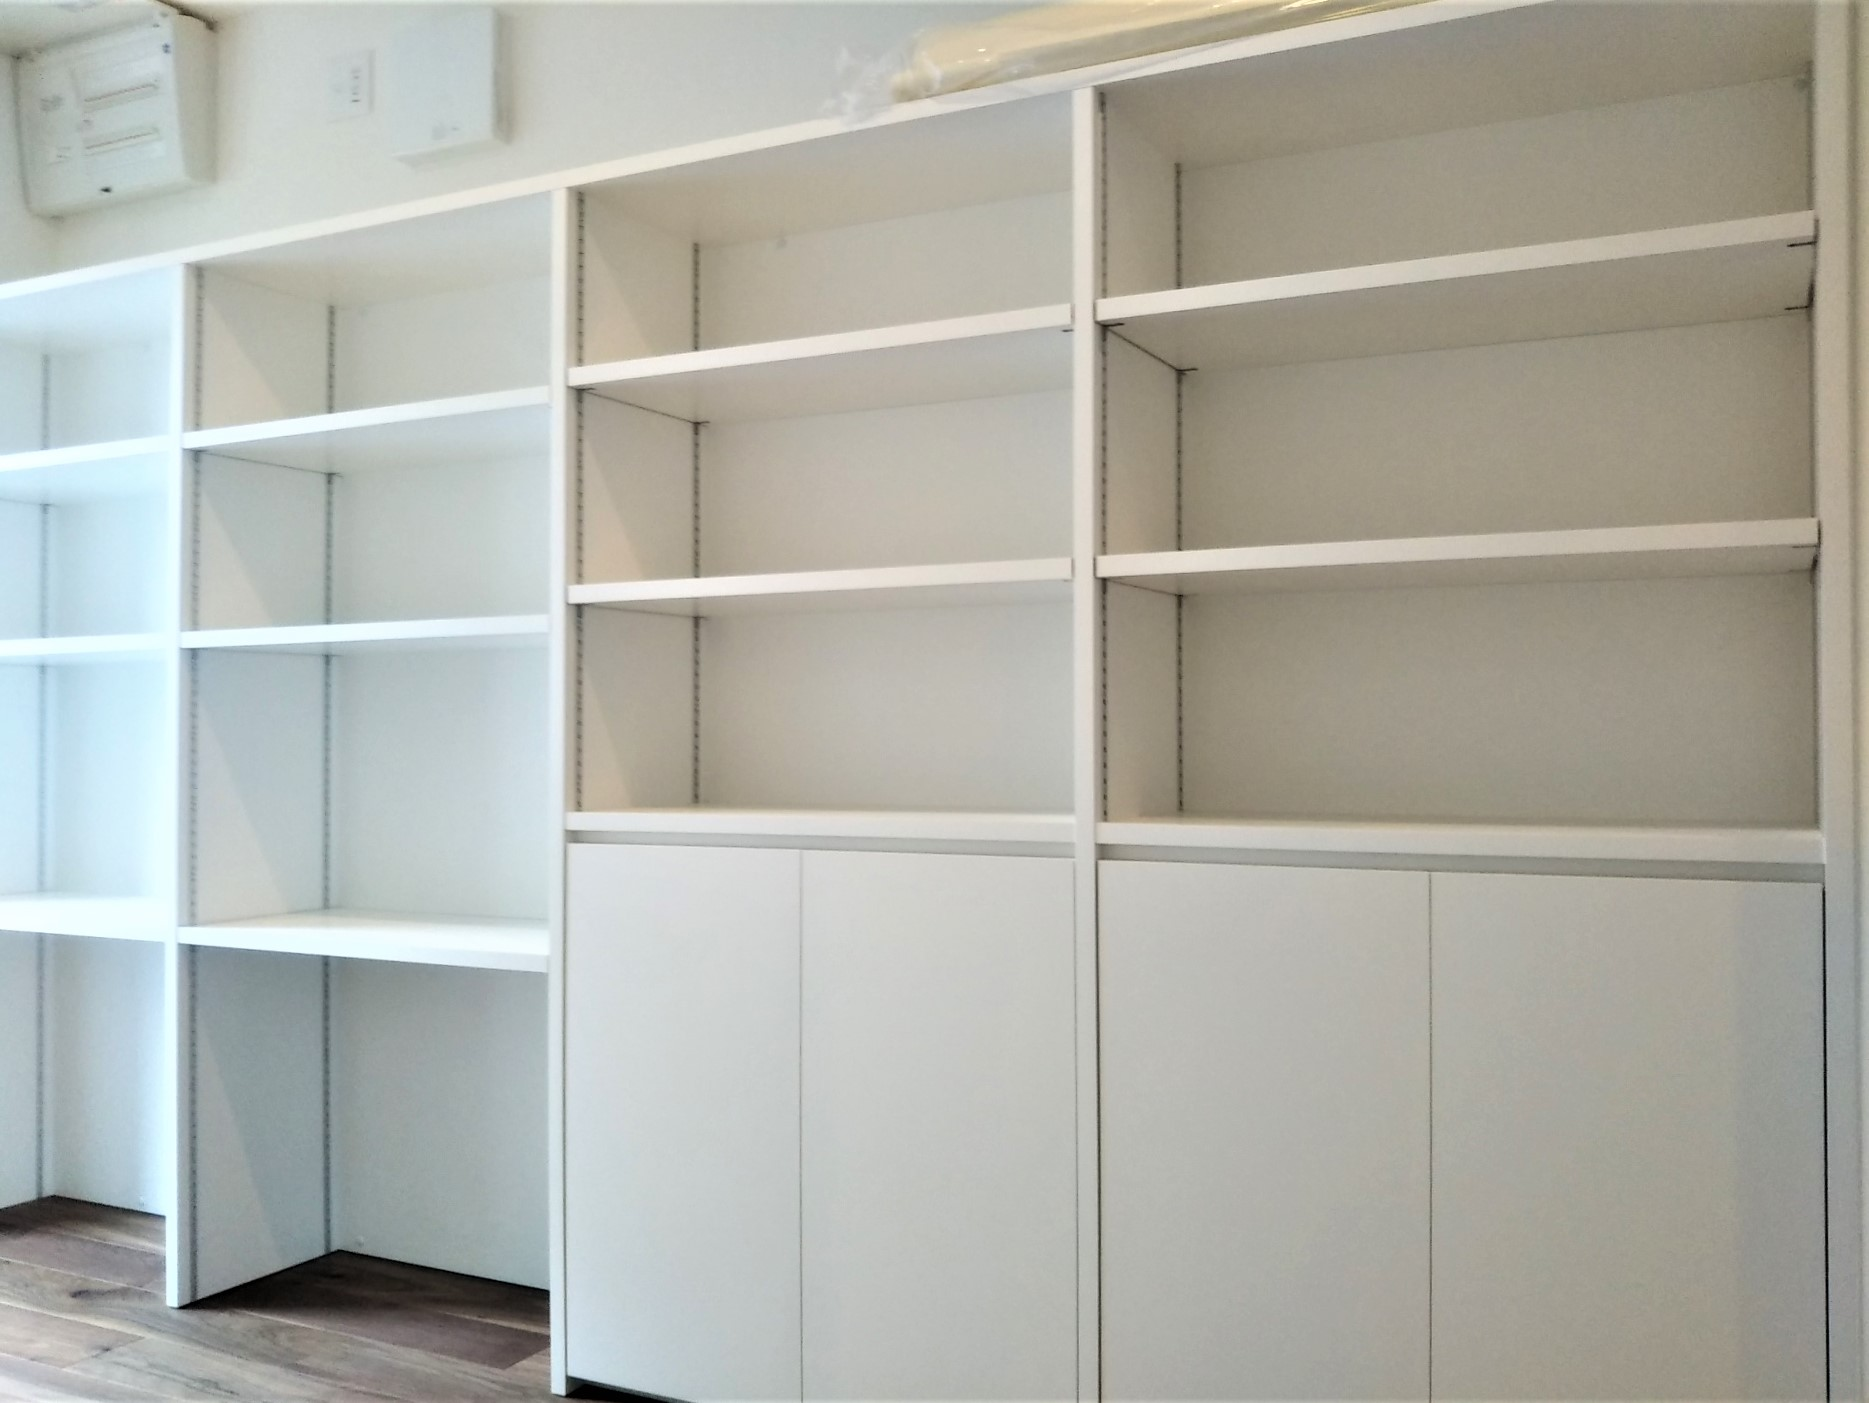 大容量のキッチンパントリー(収納棚)